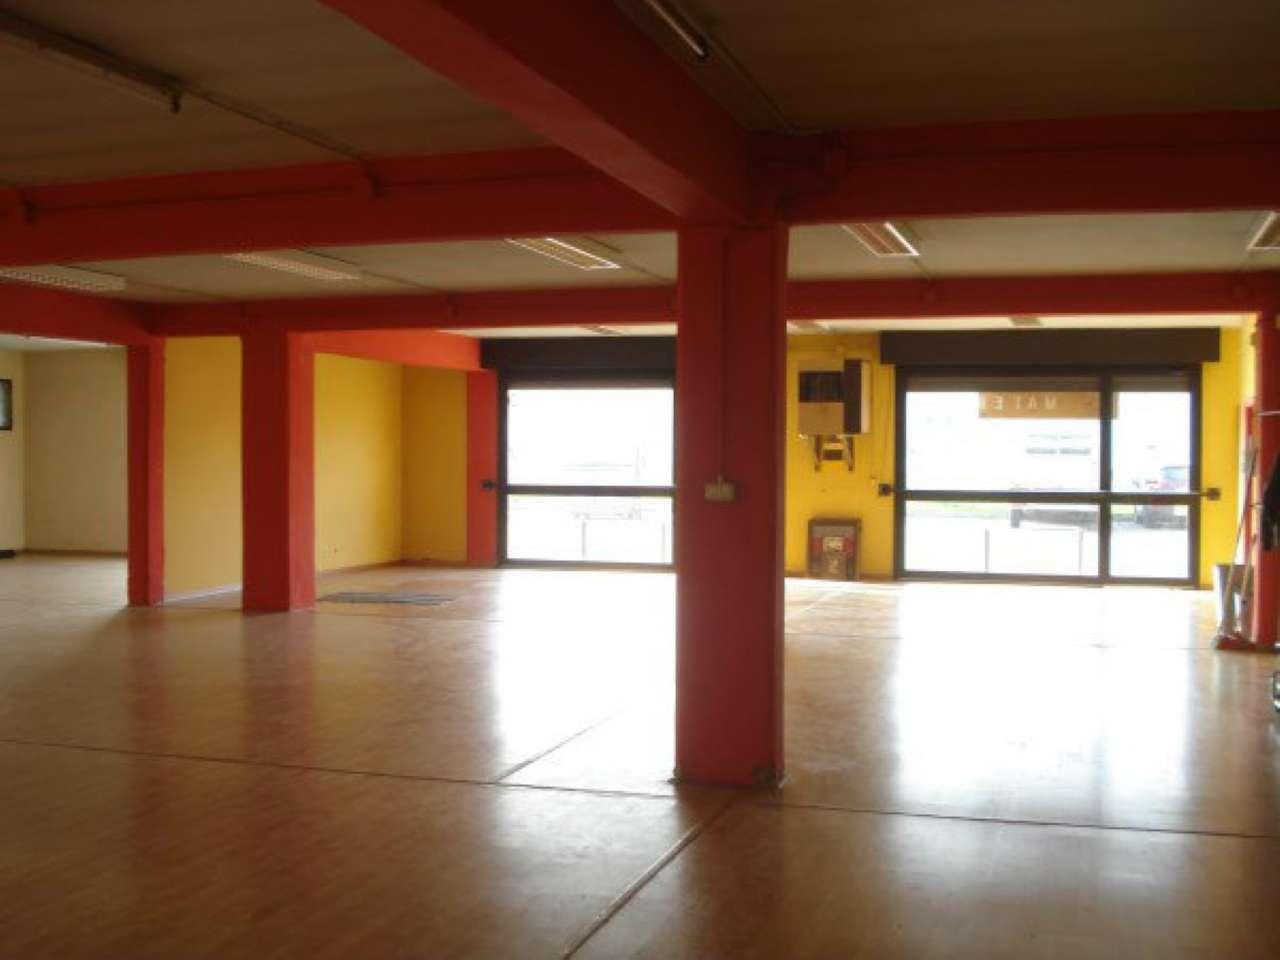 Laboratorio in affitto a Modena, 1 locali, prezzo € 1.600 | Cambio Casa.it